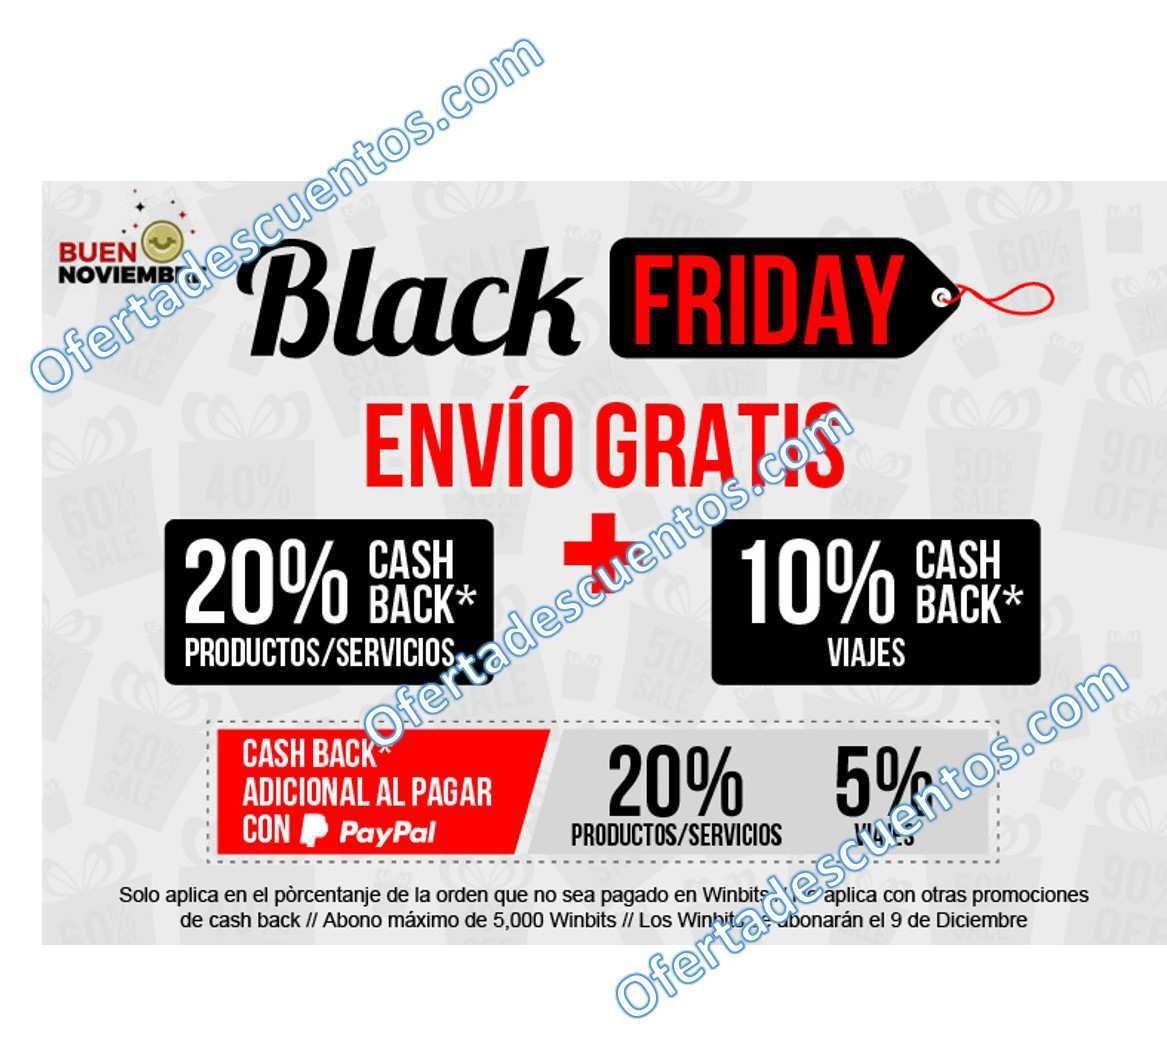 ClickOnero: Promociones del Black Friday 20% de bonificación y 20% adicional con PayPal